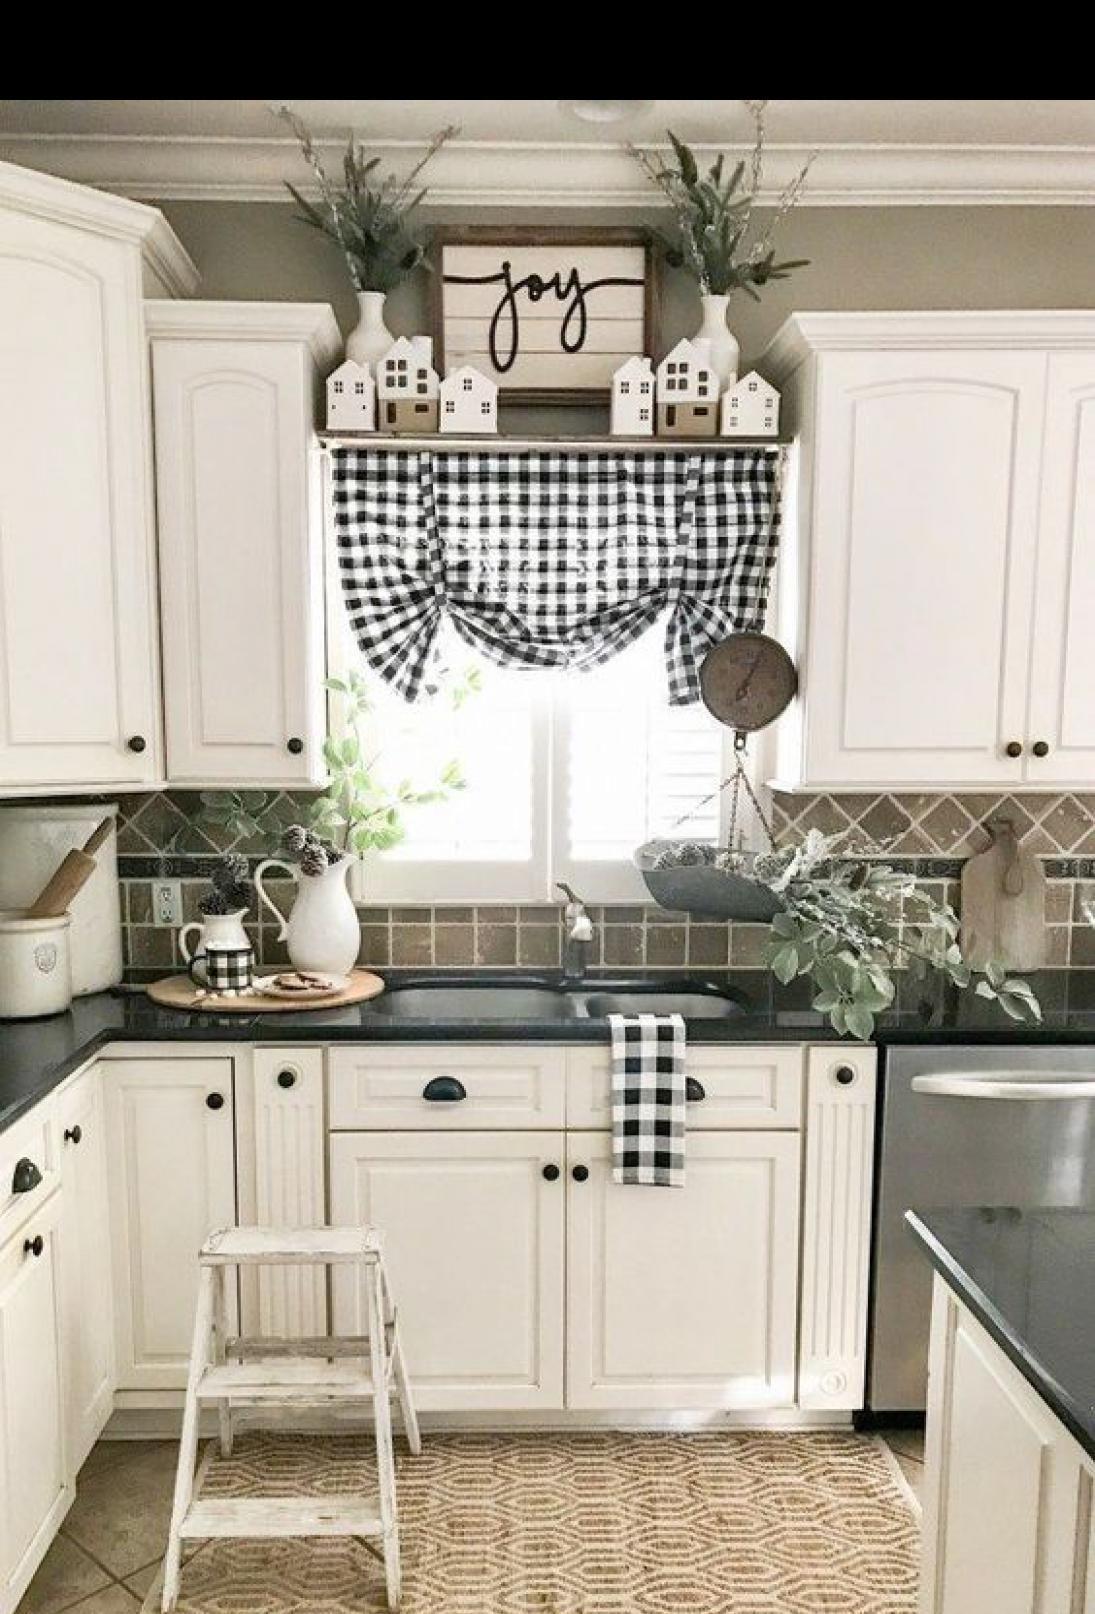 10x10 Bedroom Arrangement: Pin On Kitchens